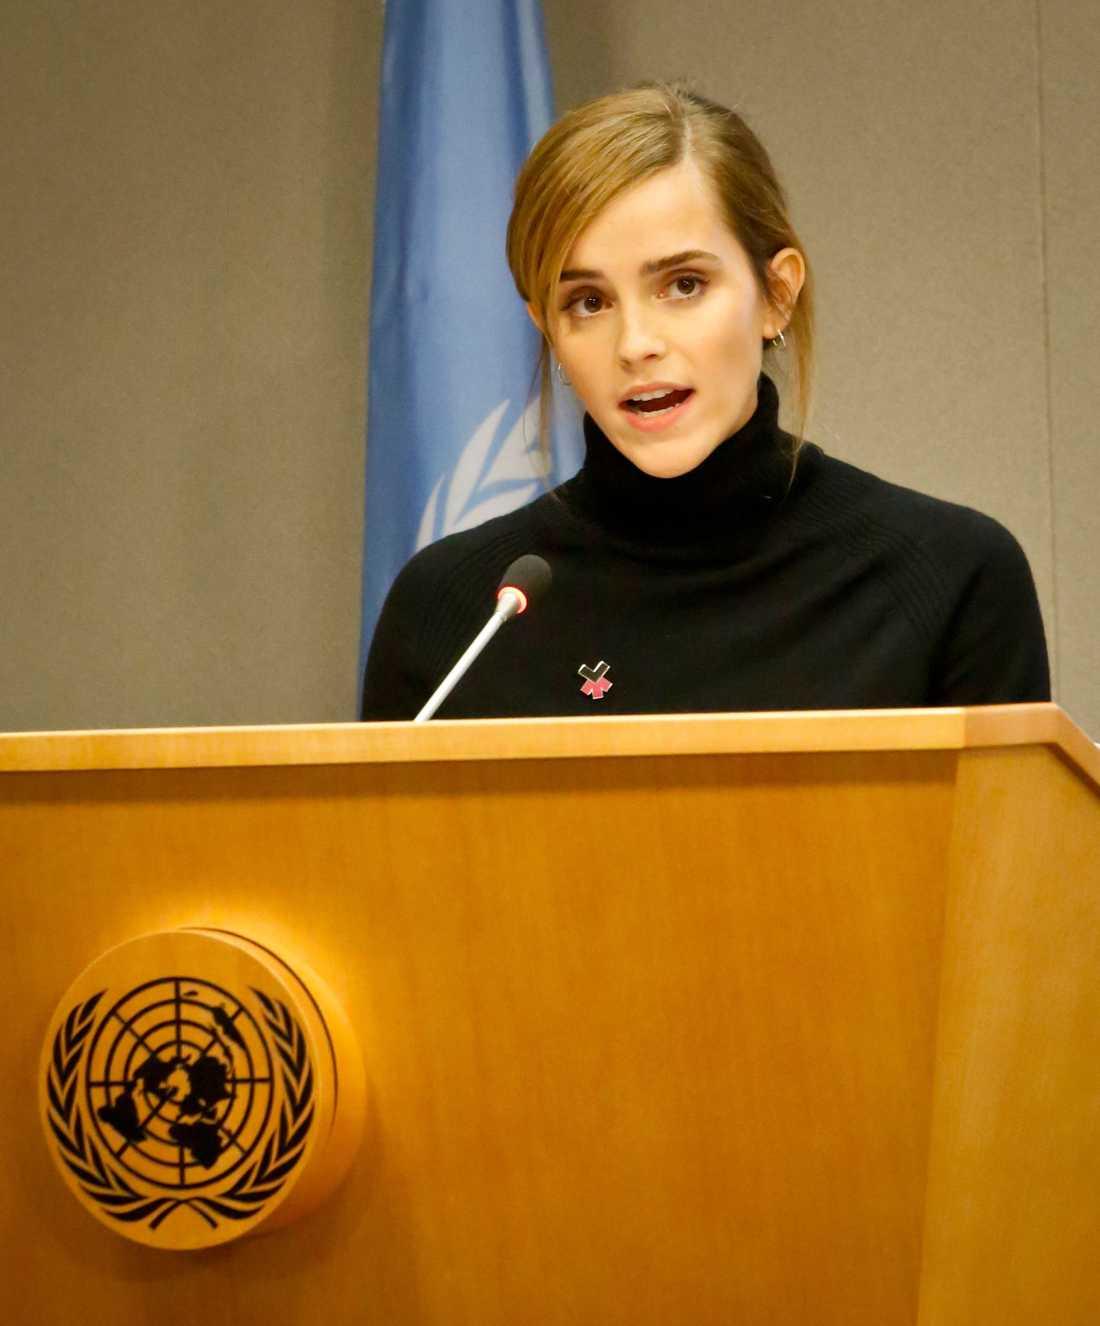 Emma Watson är aktiv feminist och FN:s goodwill-ambassadör i jämställdhetsfrågor.